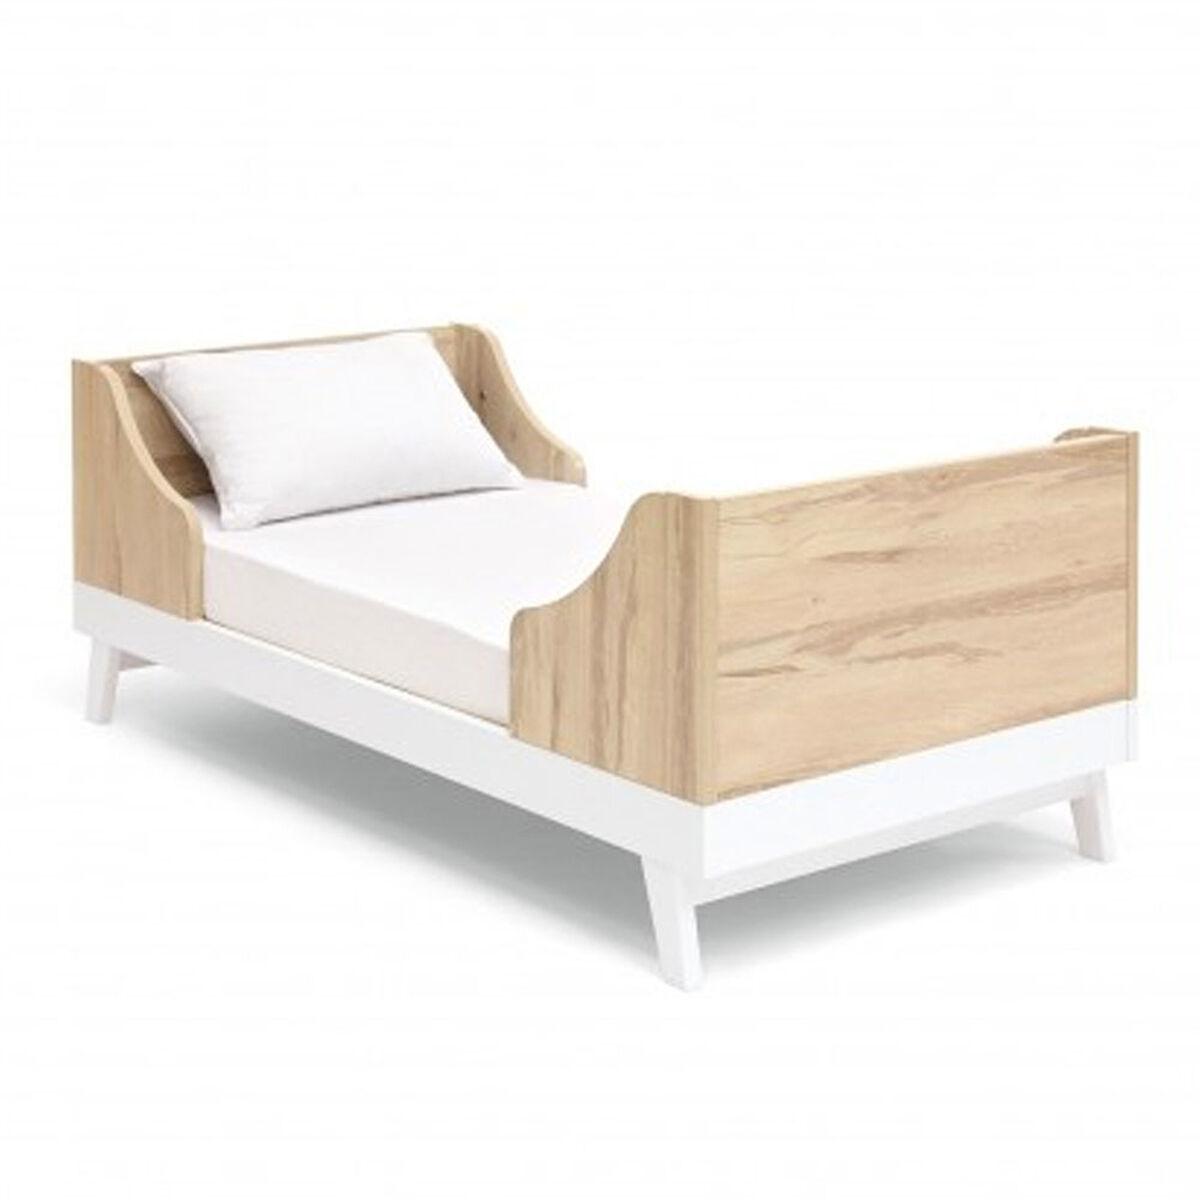 Cuna C/Bed Bx 1 - Lawson  (2 Cajas A-B)